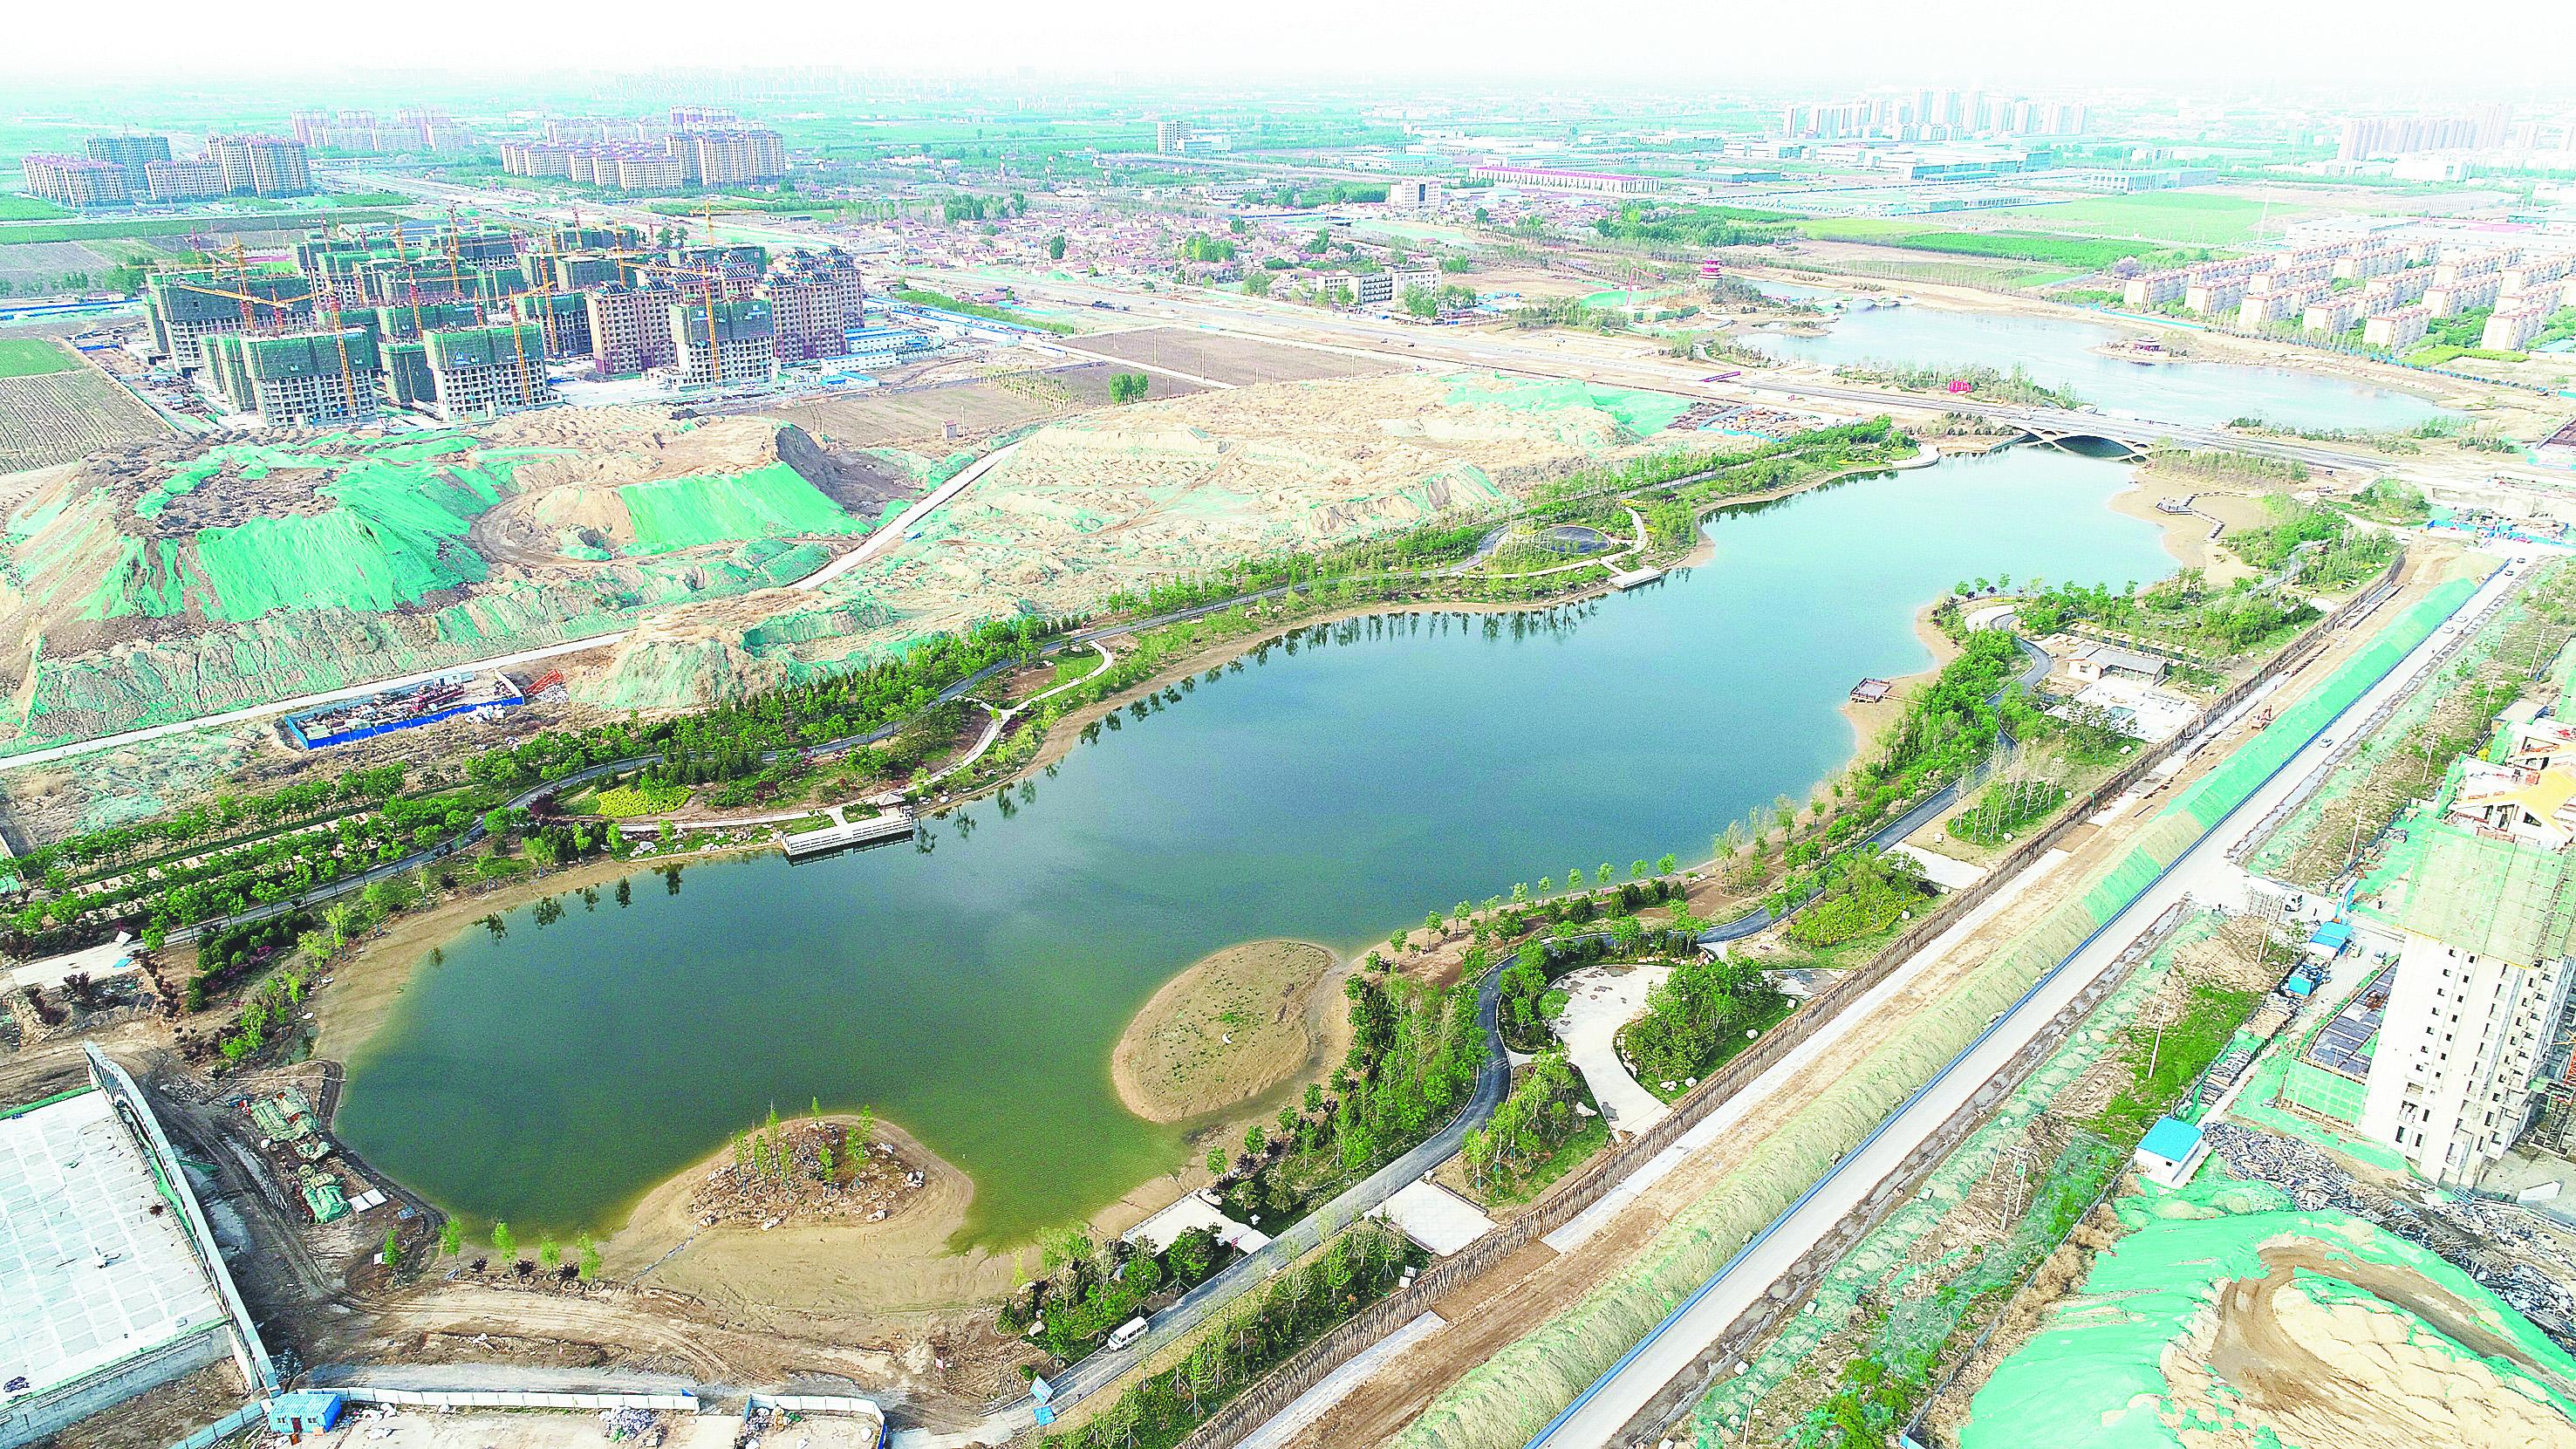 淄博高新区猪龙河畔惬意美景俩月后绽放